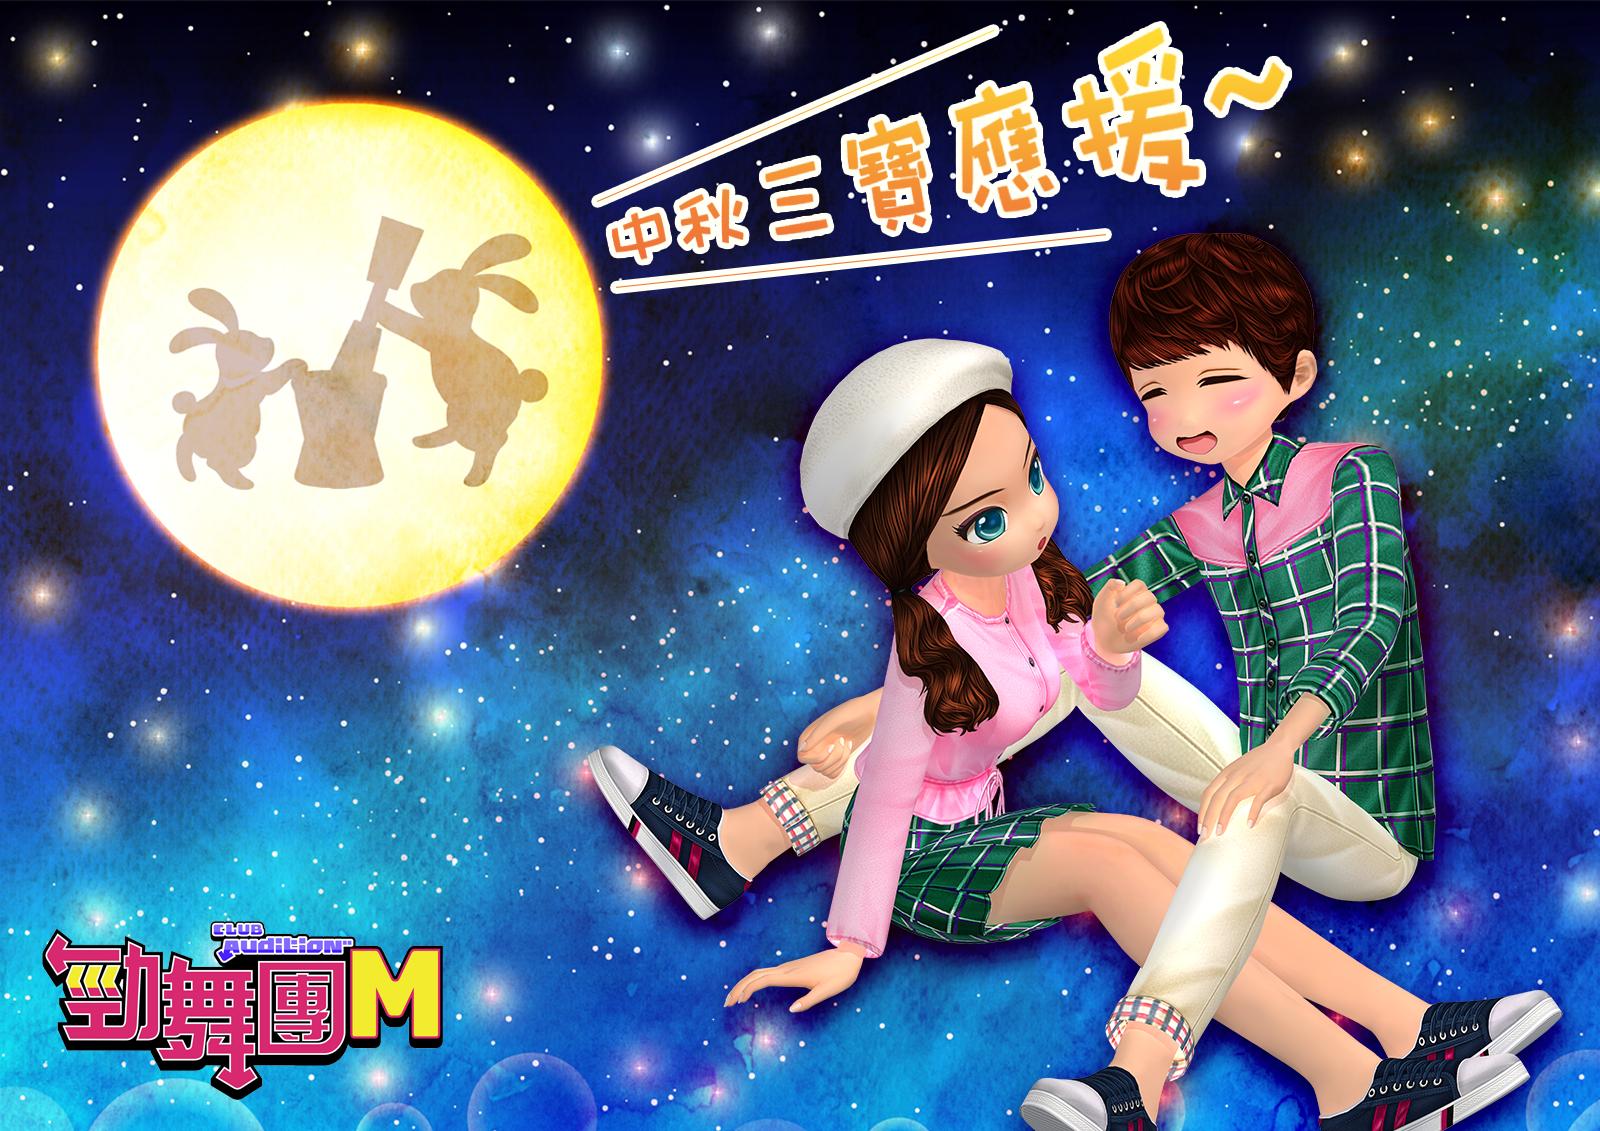 ▲只要到《勁舞團 M》粉絲團支援三寶就有機會獲得虛寶魔法卡!